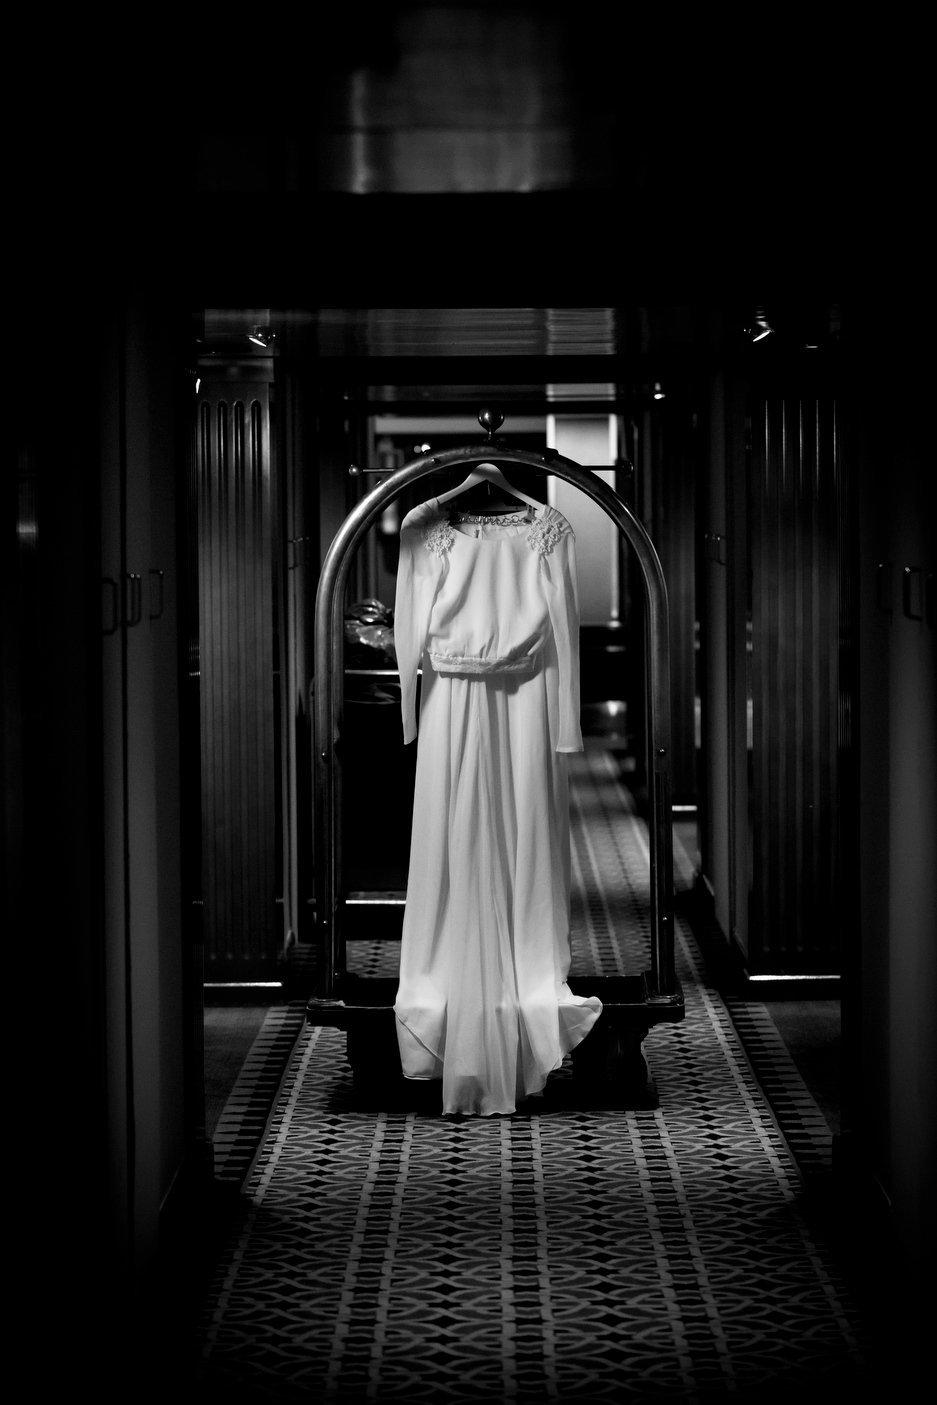 La boda de vanesa y pancho en sevilla bodas confesiones - Disenadores de sevilla ...